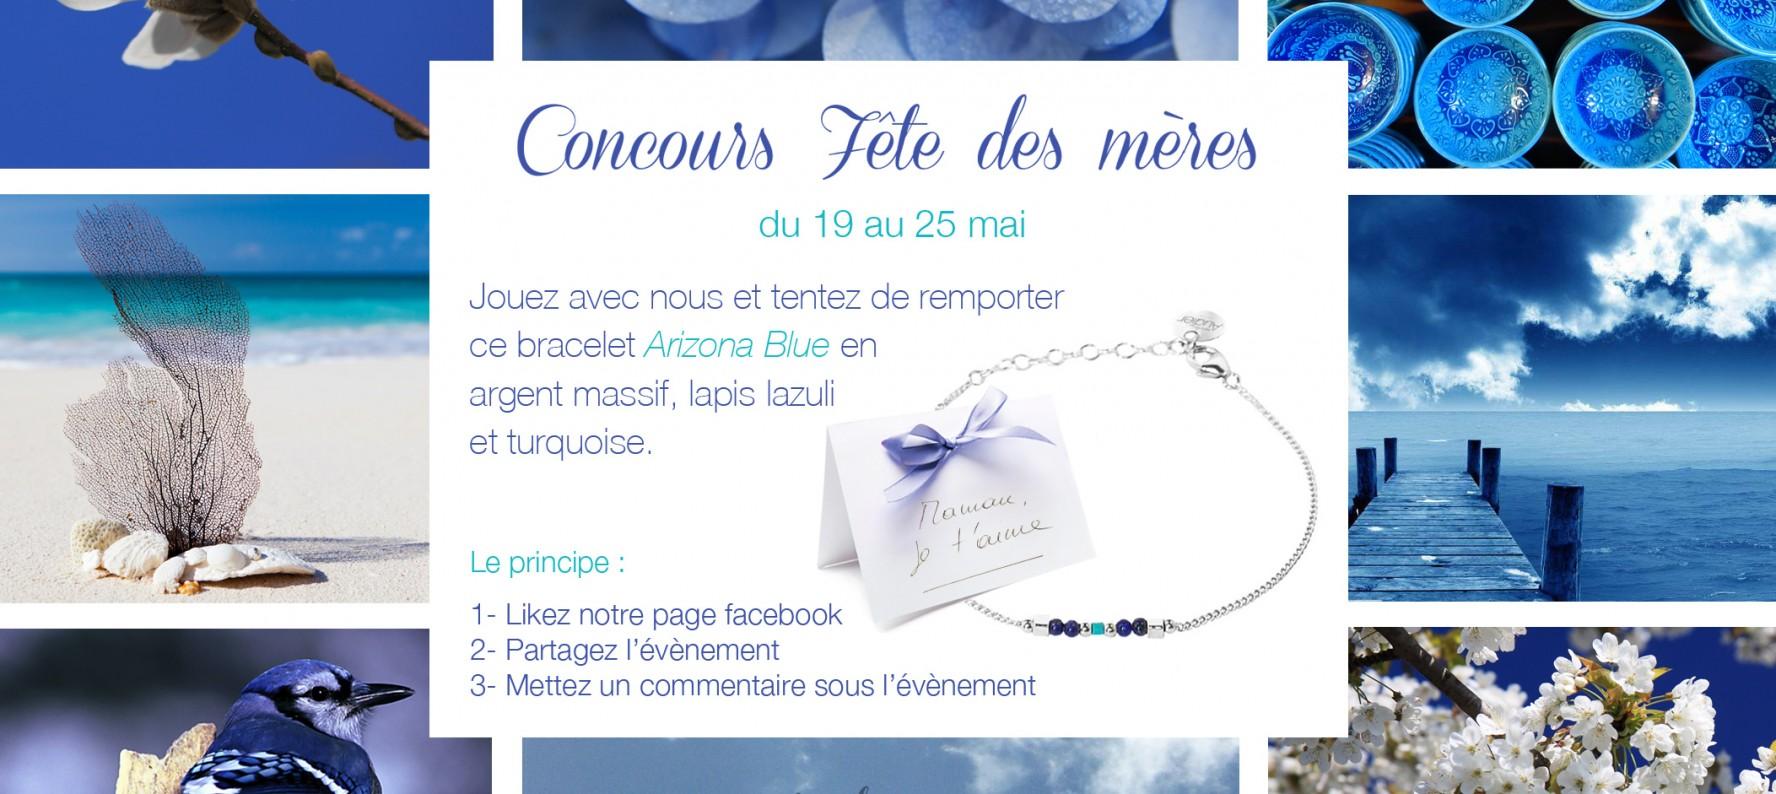 Concours fête des mères 2016 Natacha Audier Paris